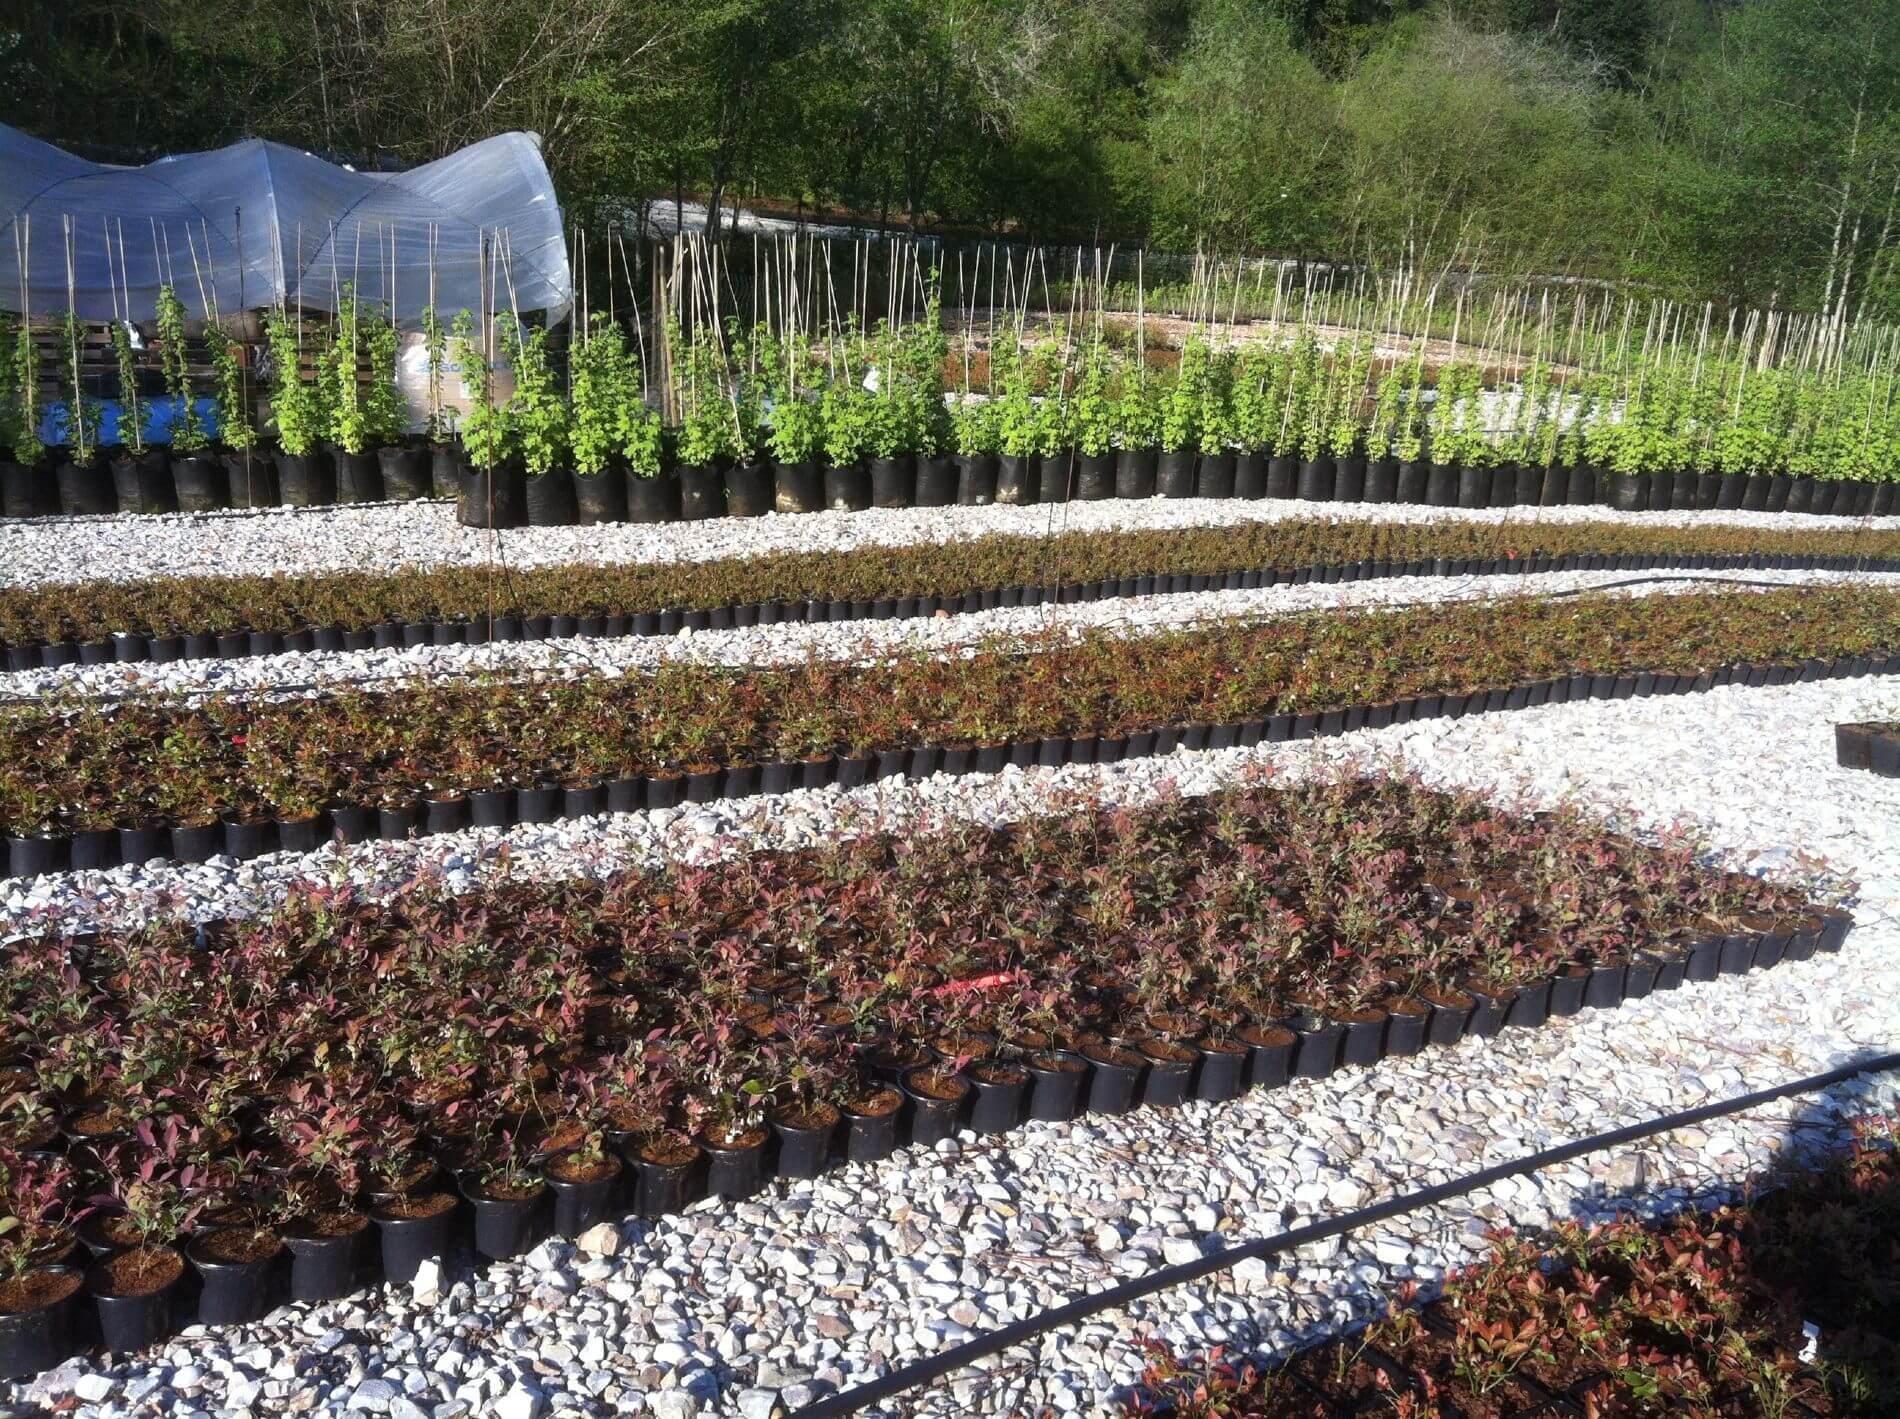 El cierr n vivero de plantas de ar ndanos y frutos del for Viveros en asturias